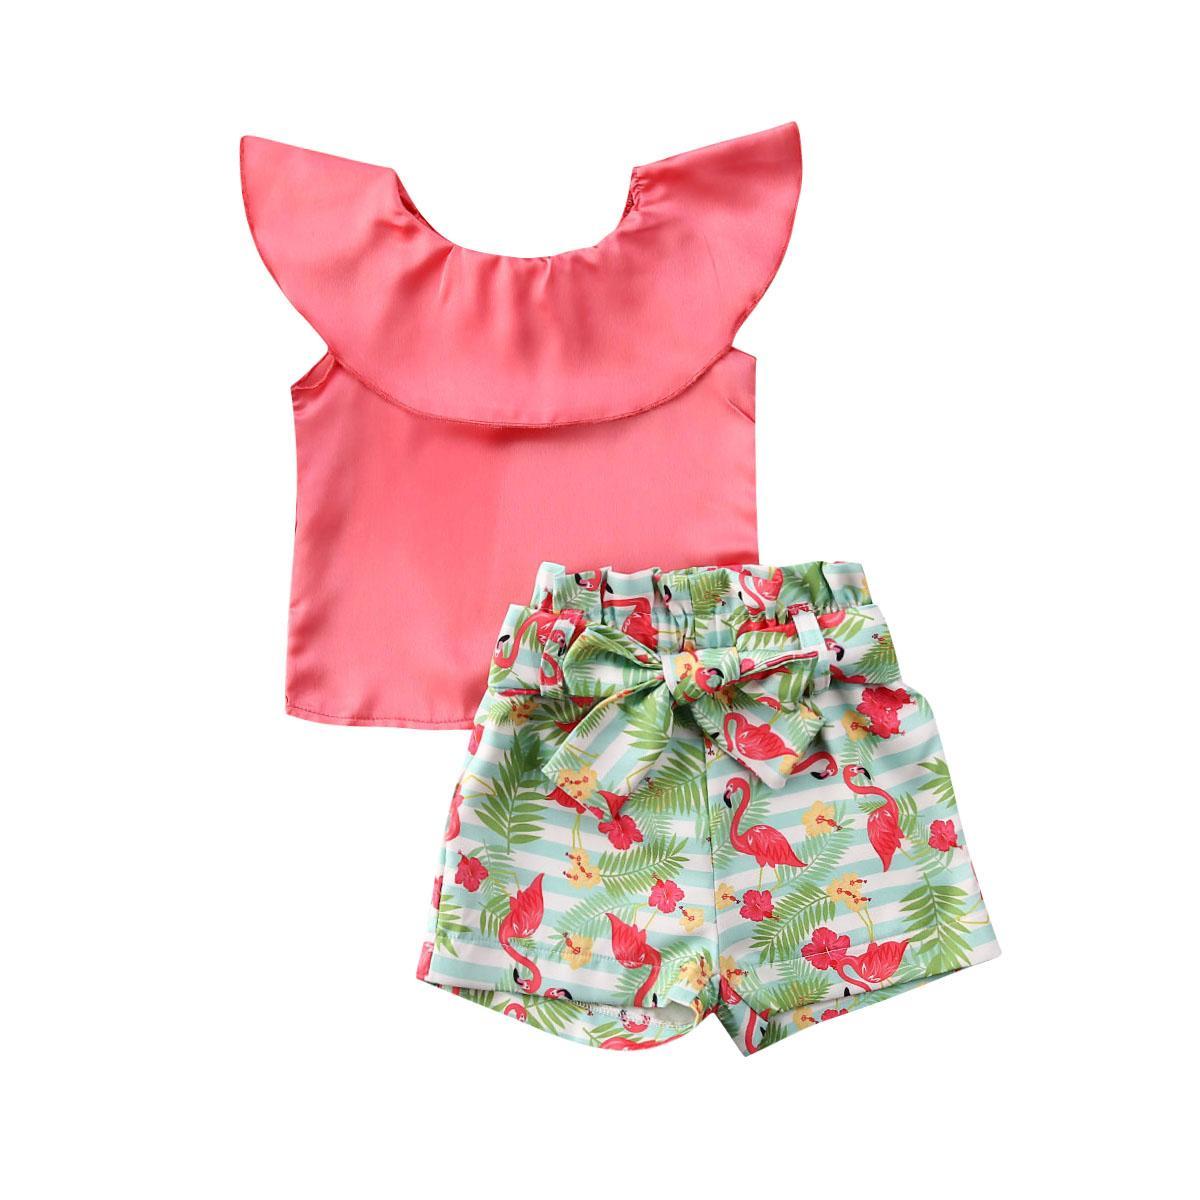 2-7years capas de doble cuello sin mangas de las tapas + de los cortocircuitos del flamenco con la correa 2pcs set para el niño niños niñas ropa de verano Trajes